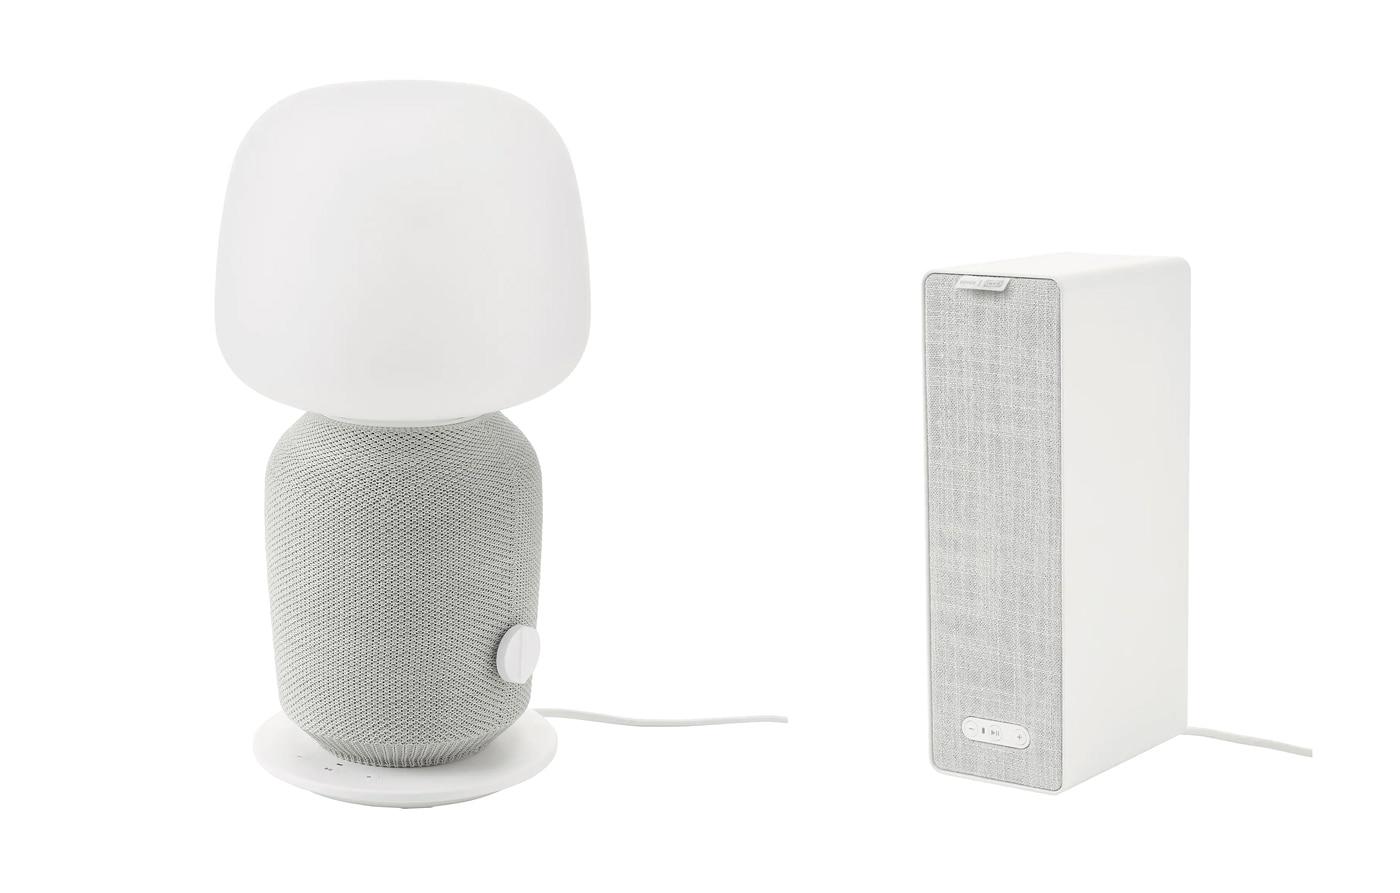 Lampada da tavolo con cassa Wi-Fi SYMFONISK in bianco e grigio su sfondo bianco - IKEA